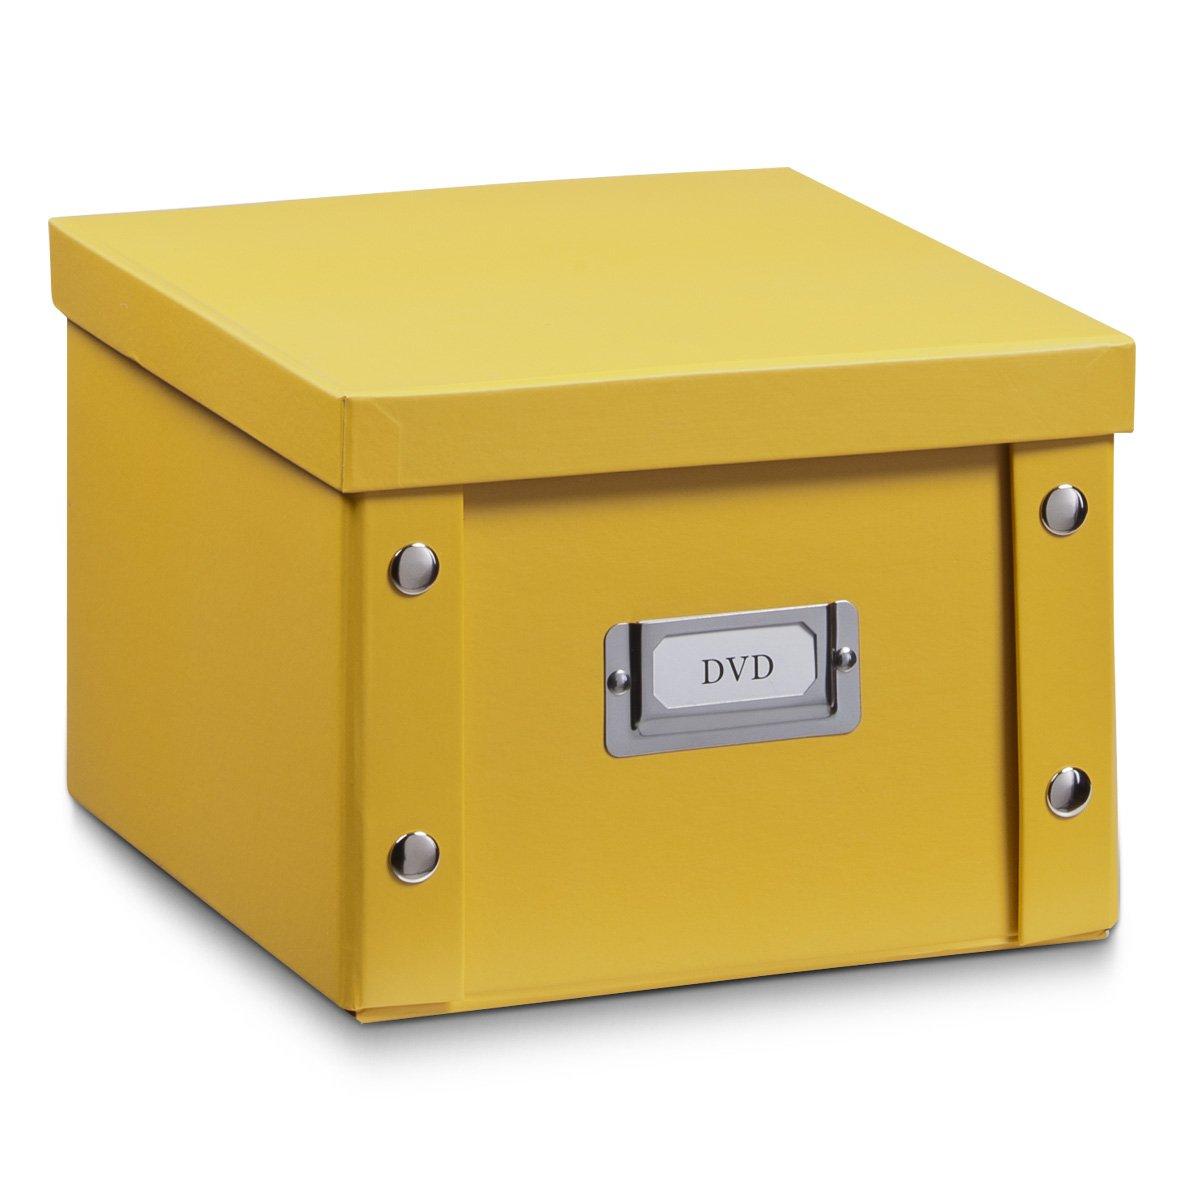 free zeller bote de rangement de dvd carton jaune mango x x cm amazonfr cuisine u maison with. Black Bedroom Furniture Sets. Home Design Ideas